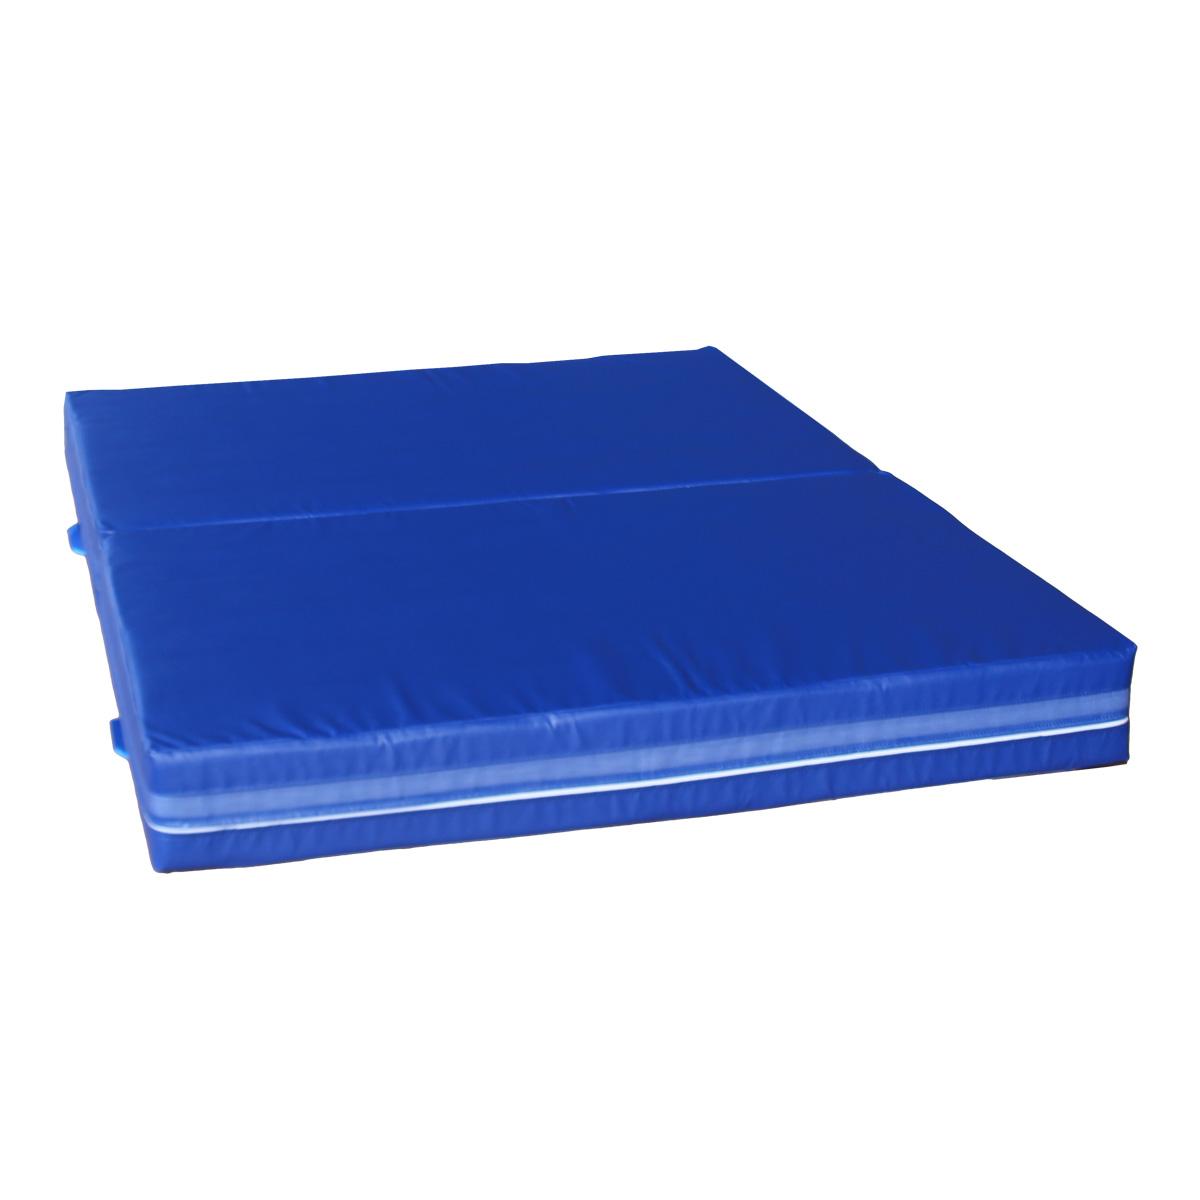 Dopadová skladacia žinenka MASTER T21 - 200 x 150 x 20 cm - modrá